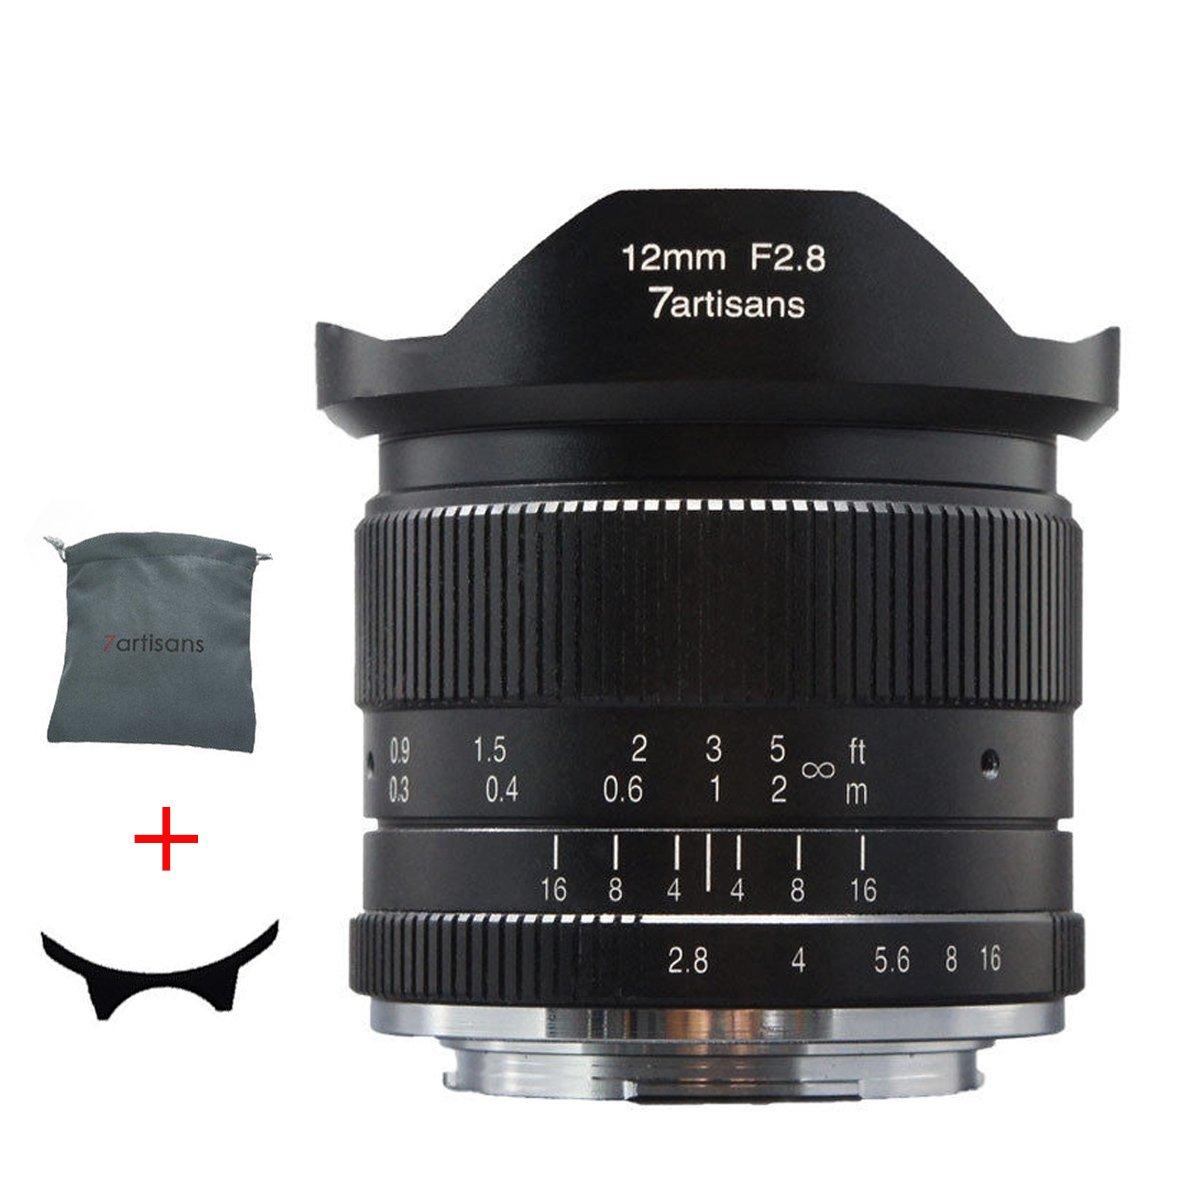 7職人12 mm F/ 2.8 aps-c X Wide Angle手動固定レンズfor Fuji x-a3 2.8 Xマウントカメラx-a1 x-a10 x-a2 x-a3 x-at x-m1 xm2 X - t1 x-t10 x-t2 x-t20 X - pro1 x-pro2 x-e1 x-e2 x-e2s-blackカラー B07F2RNJB3, nikkashop:3ba4914d --- ijpba.info